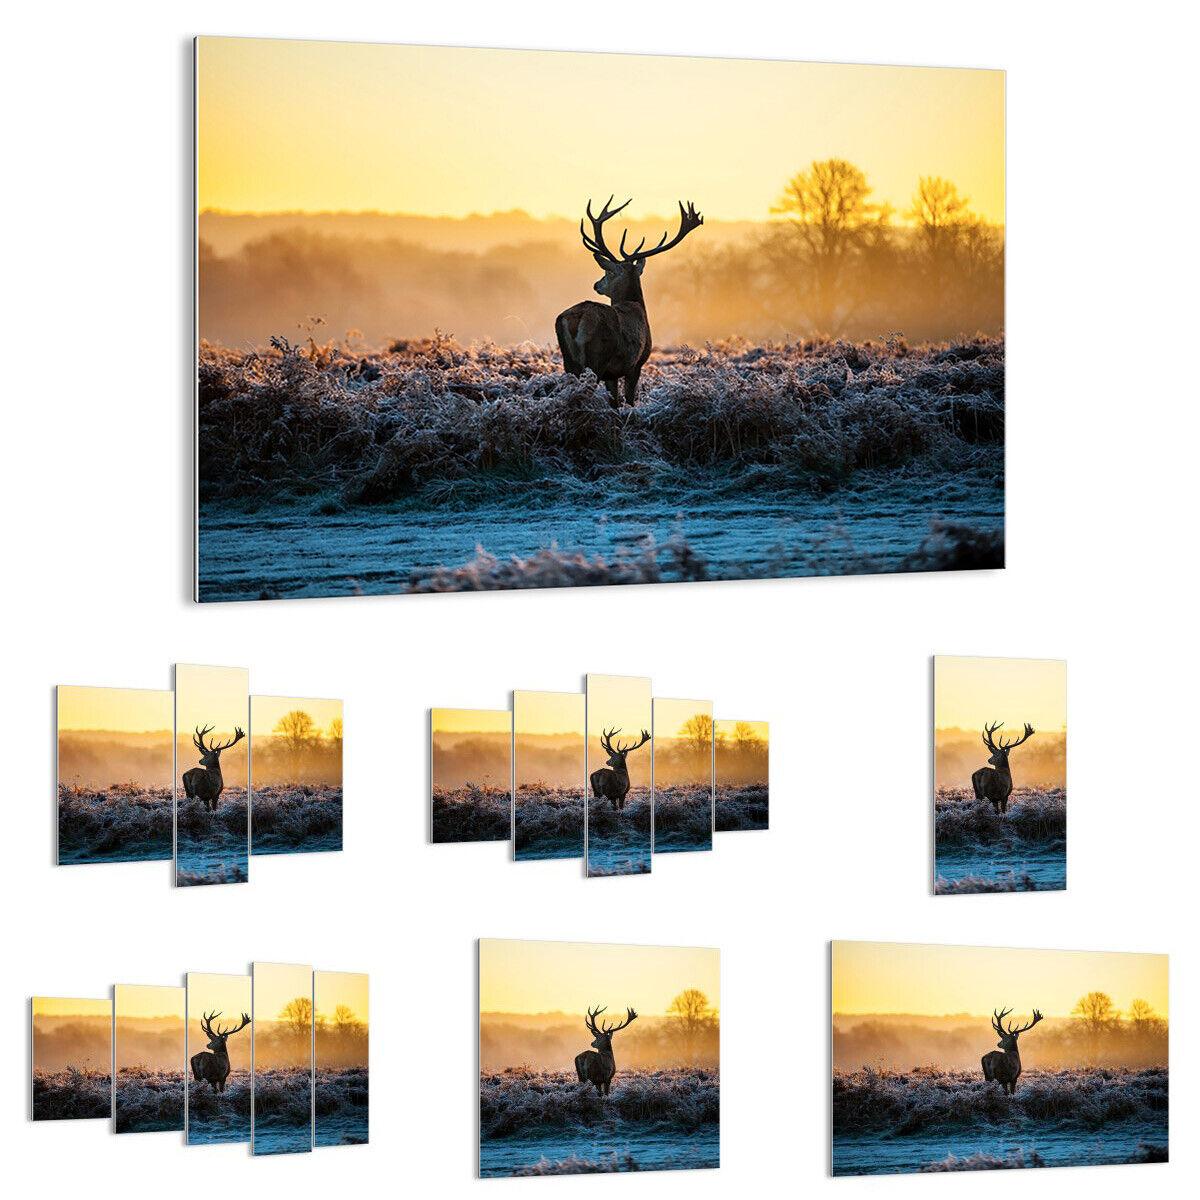 GLASBILD Wandbild Deko Feld Nebel Natur Baum 2428 DE